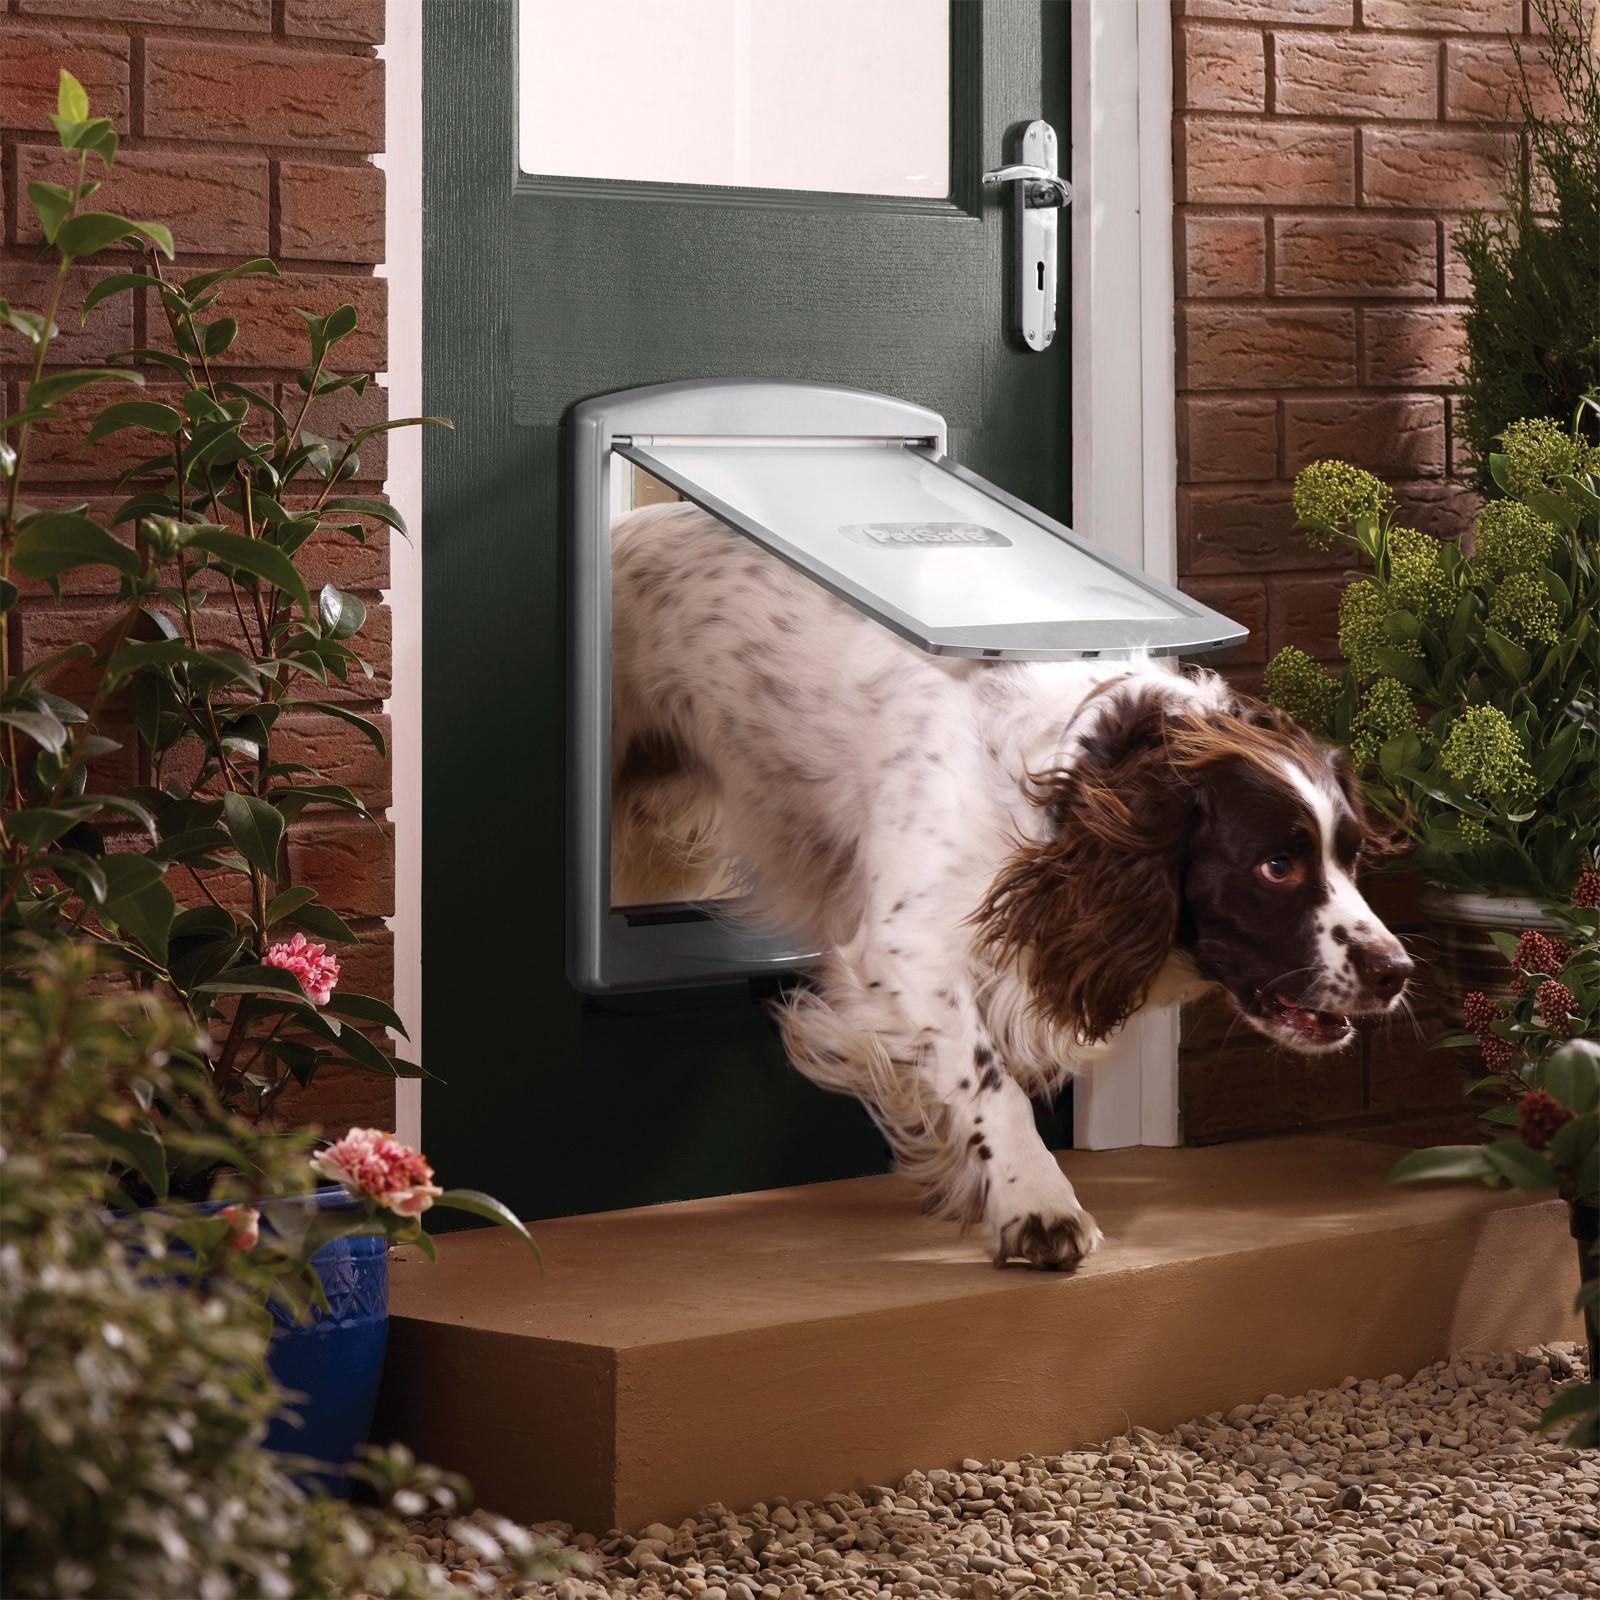 petsafe staywell hundeklappe typ 777 hundet r 2 wege f r. Black Bedroom Furniture Sets. Home Design Ideas